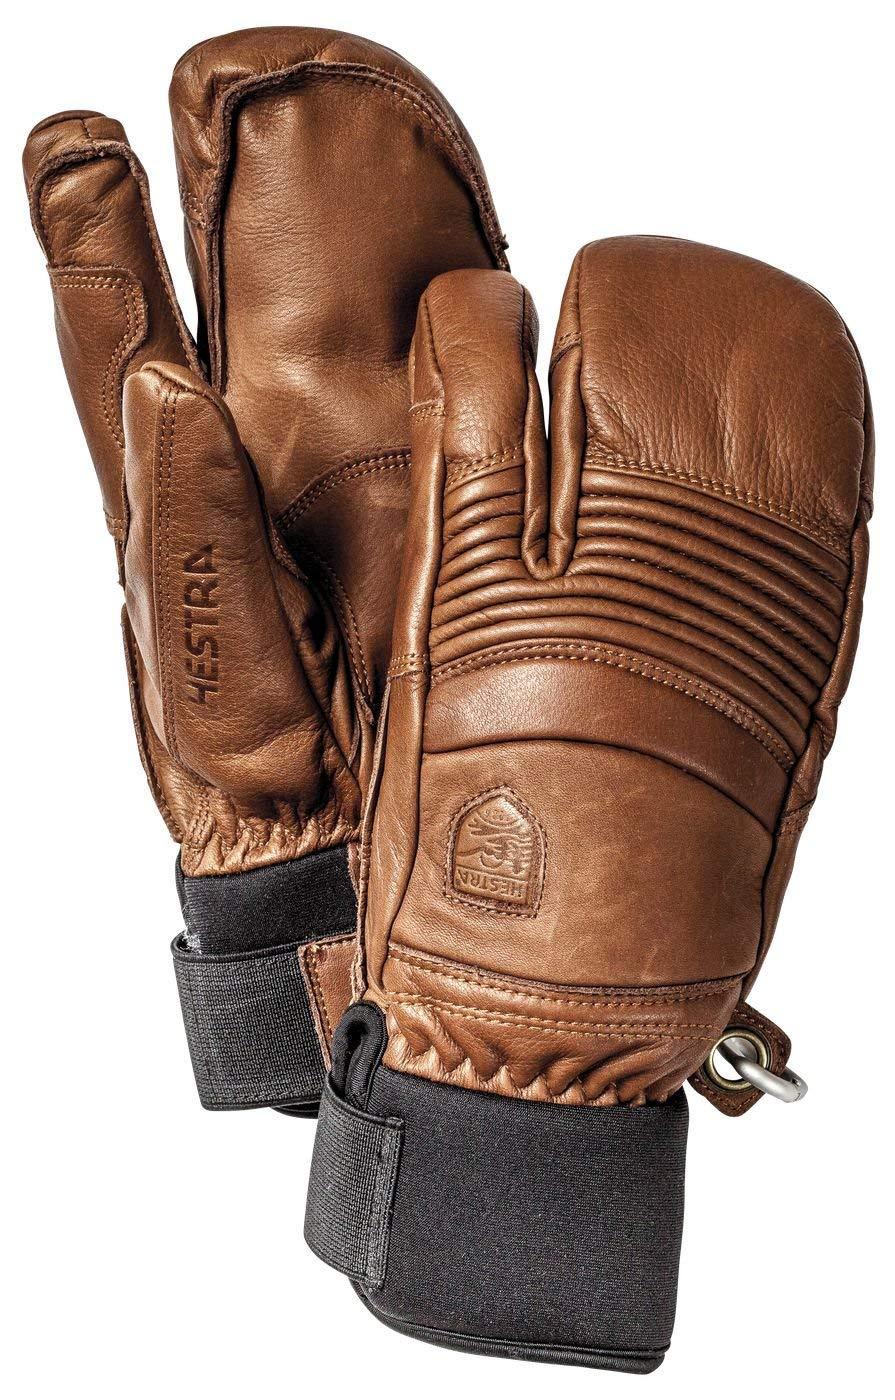 Hestra 3-Finger Mittens